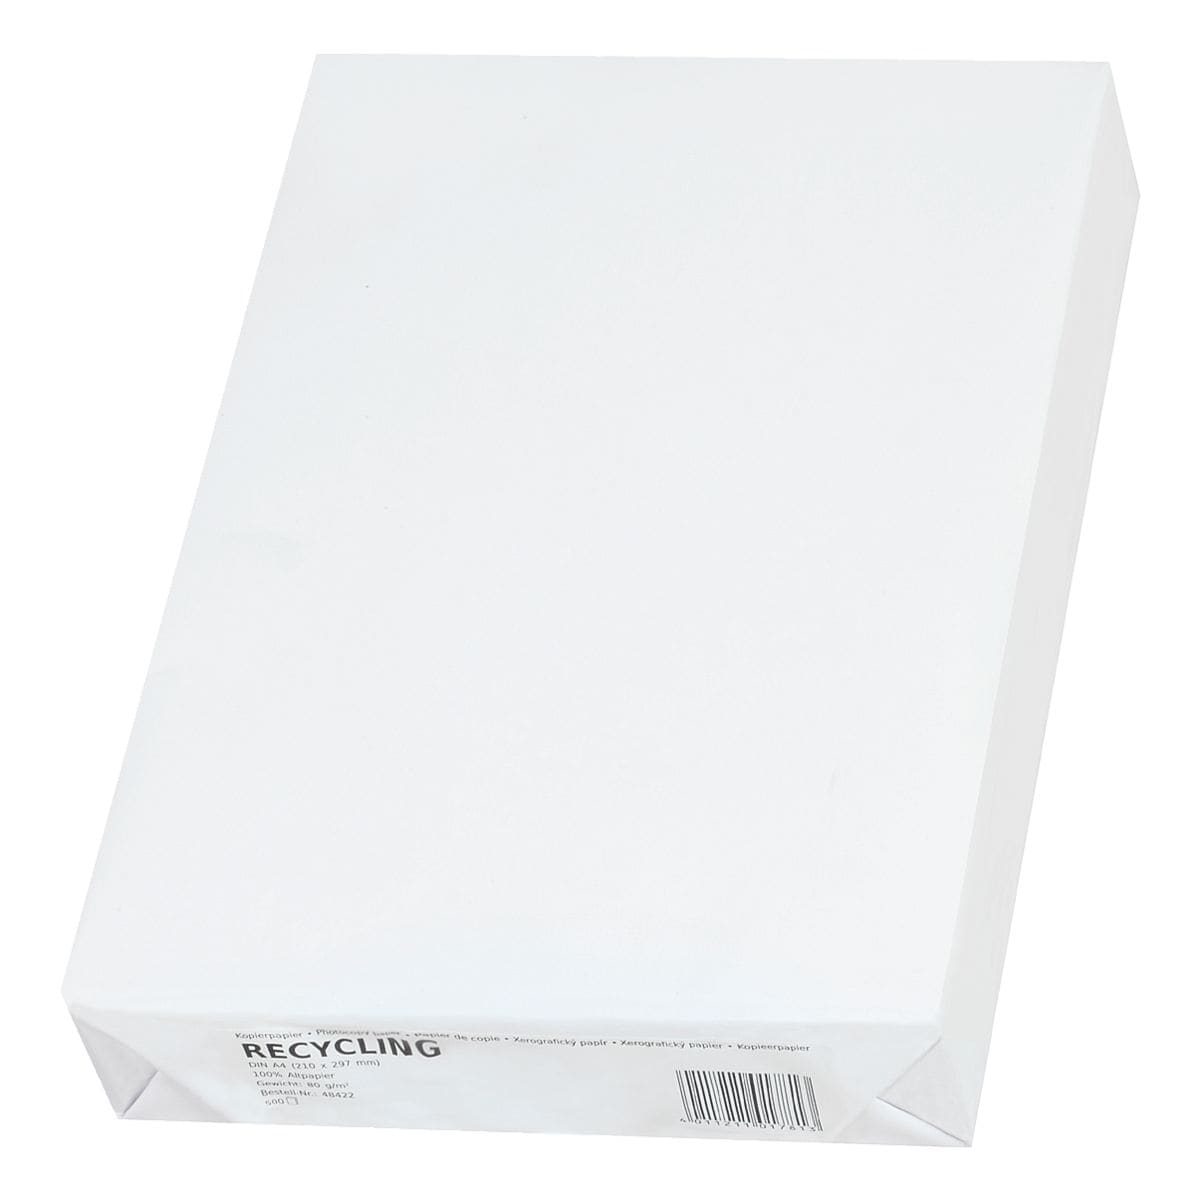 Recyclingpapier A4 Recycling - 500 Blatt gesamt, 80 g/m²